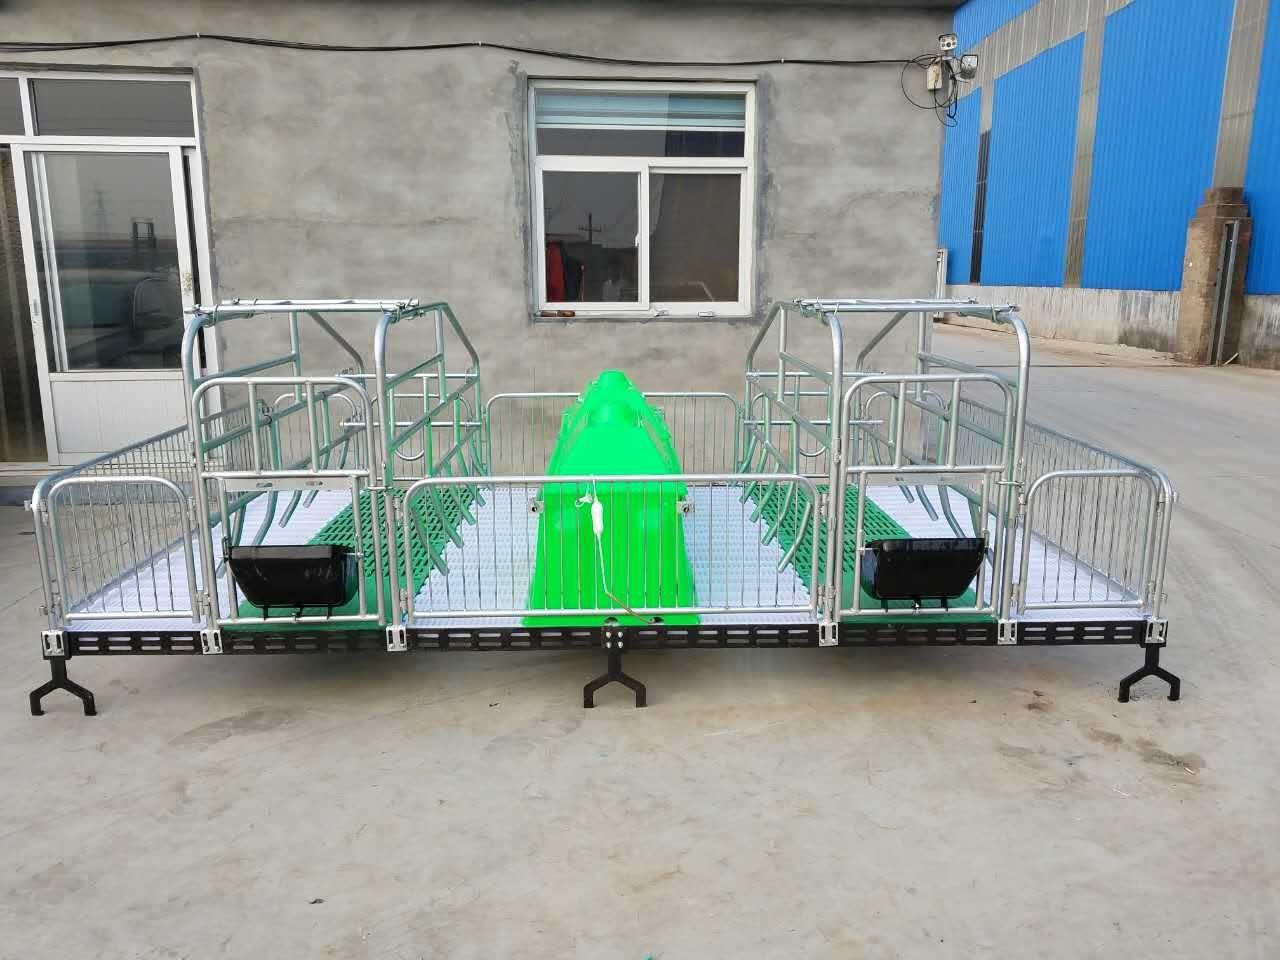 母猪产床 复合板双体产床 仔猪分娩床养猪场养殖设备供应商